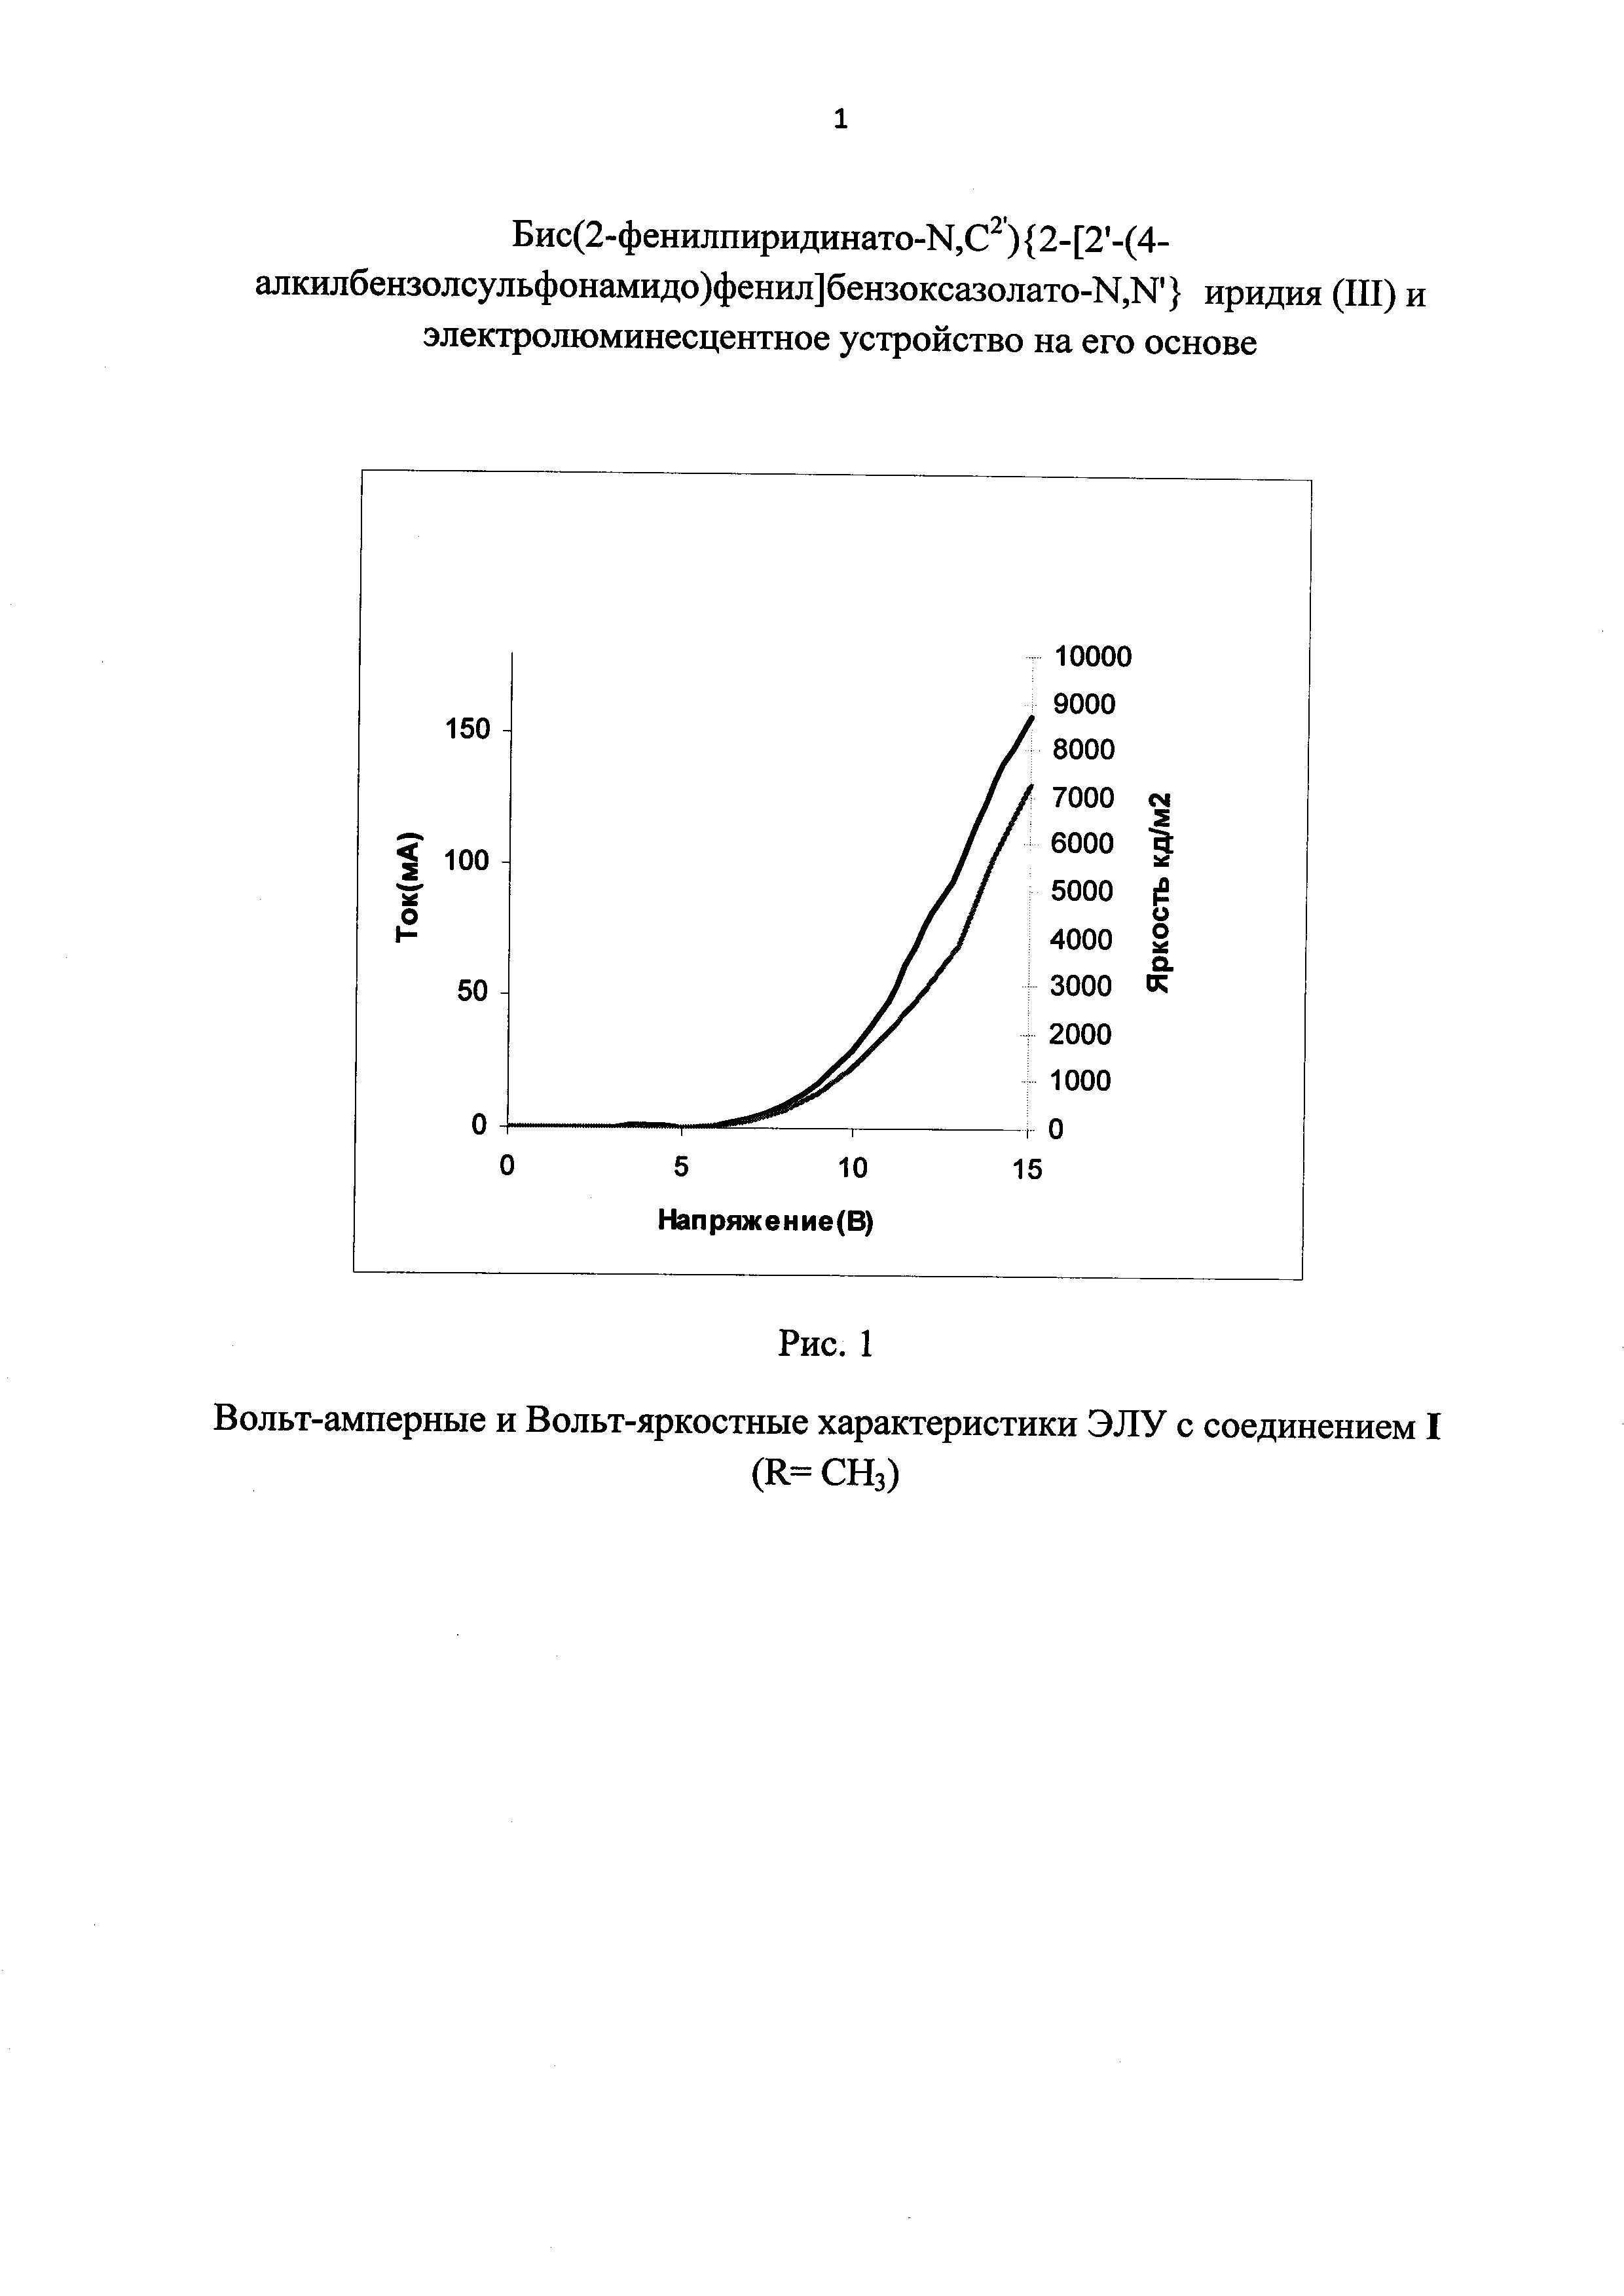 Бис(2-фенилпиридинато-n,c){2-[2'-(4-алкилбензолсульфонамидо)фенил]бензоксазолато-n,n'}иридия(iii) и электролюминесцентное устройство на его основе